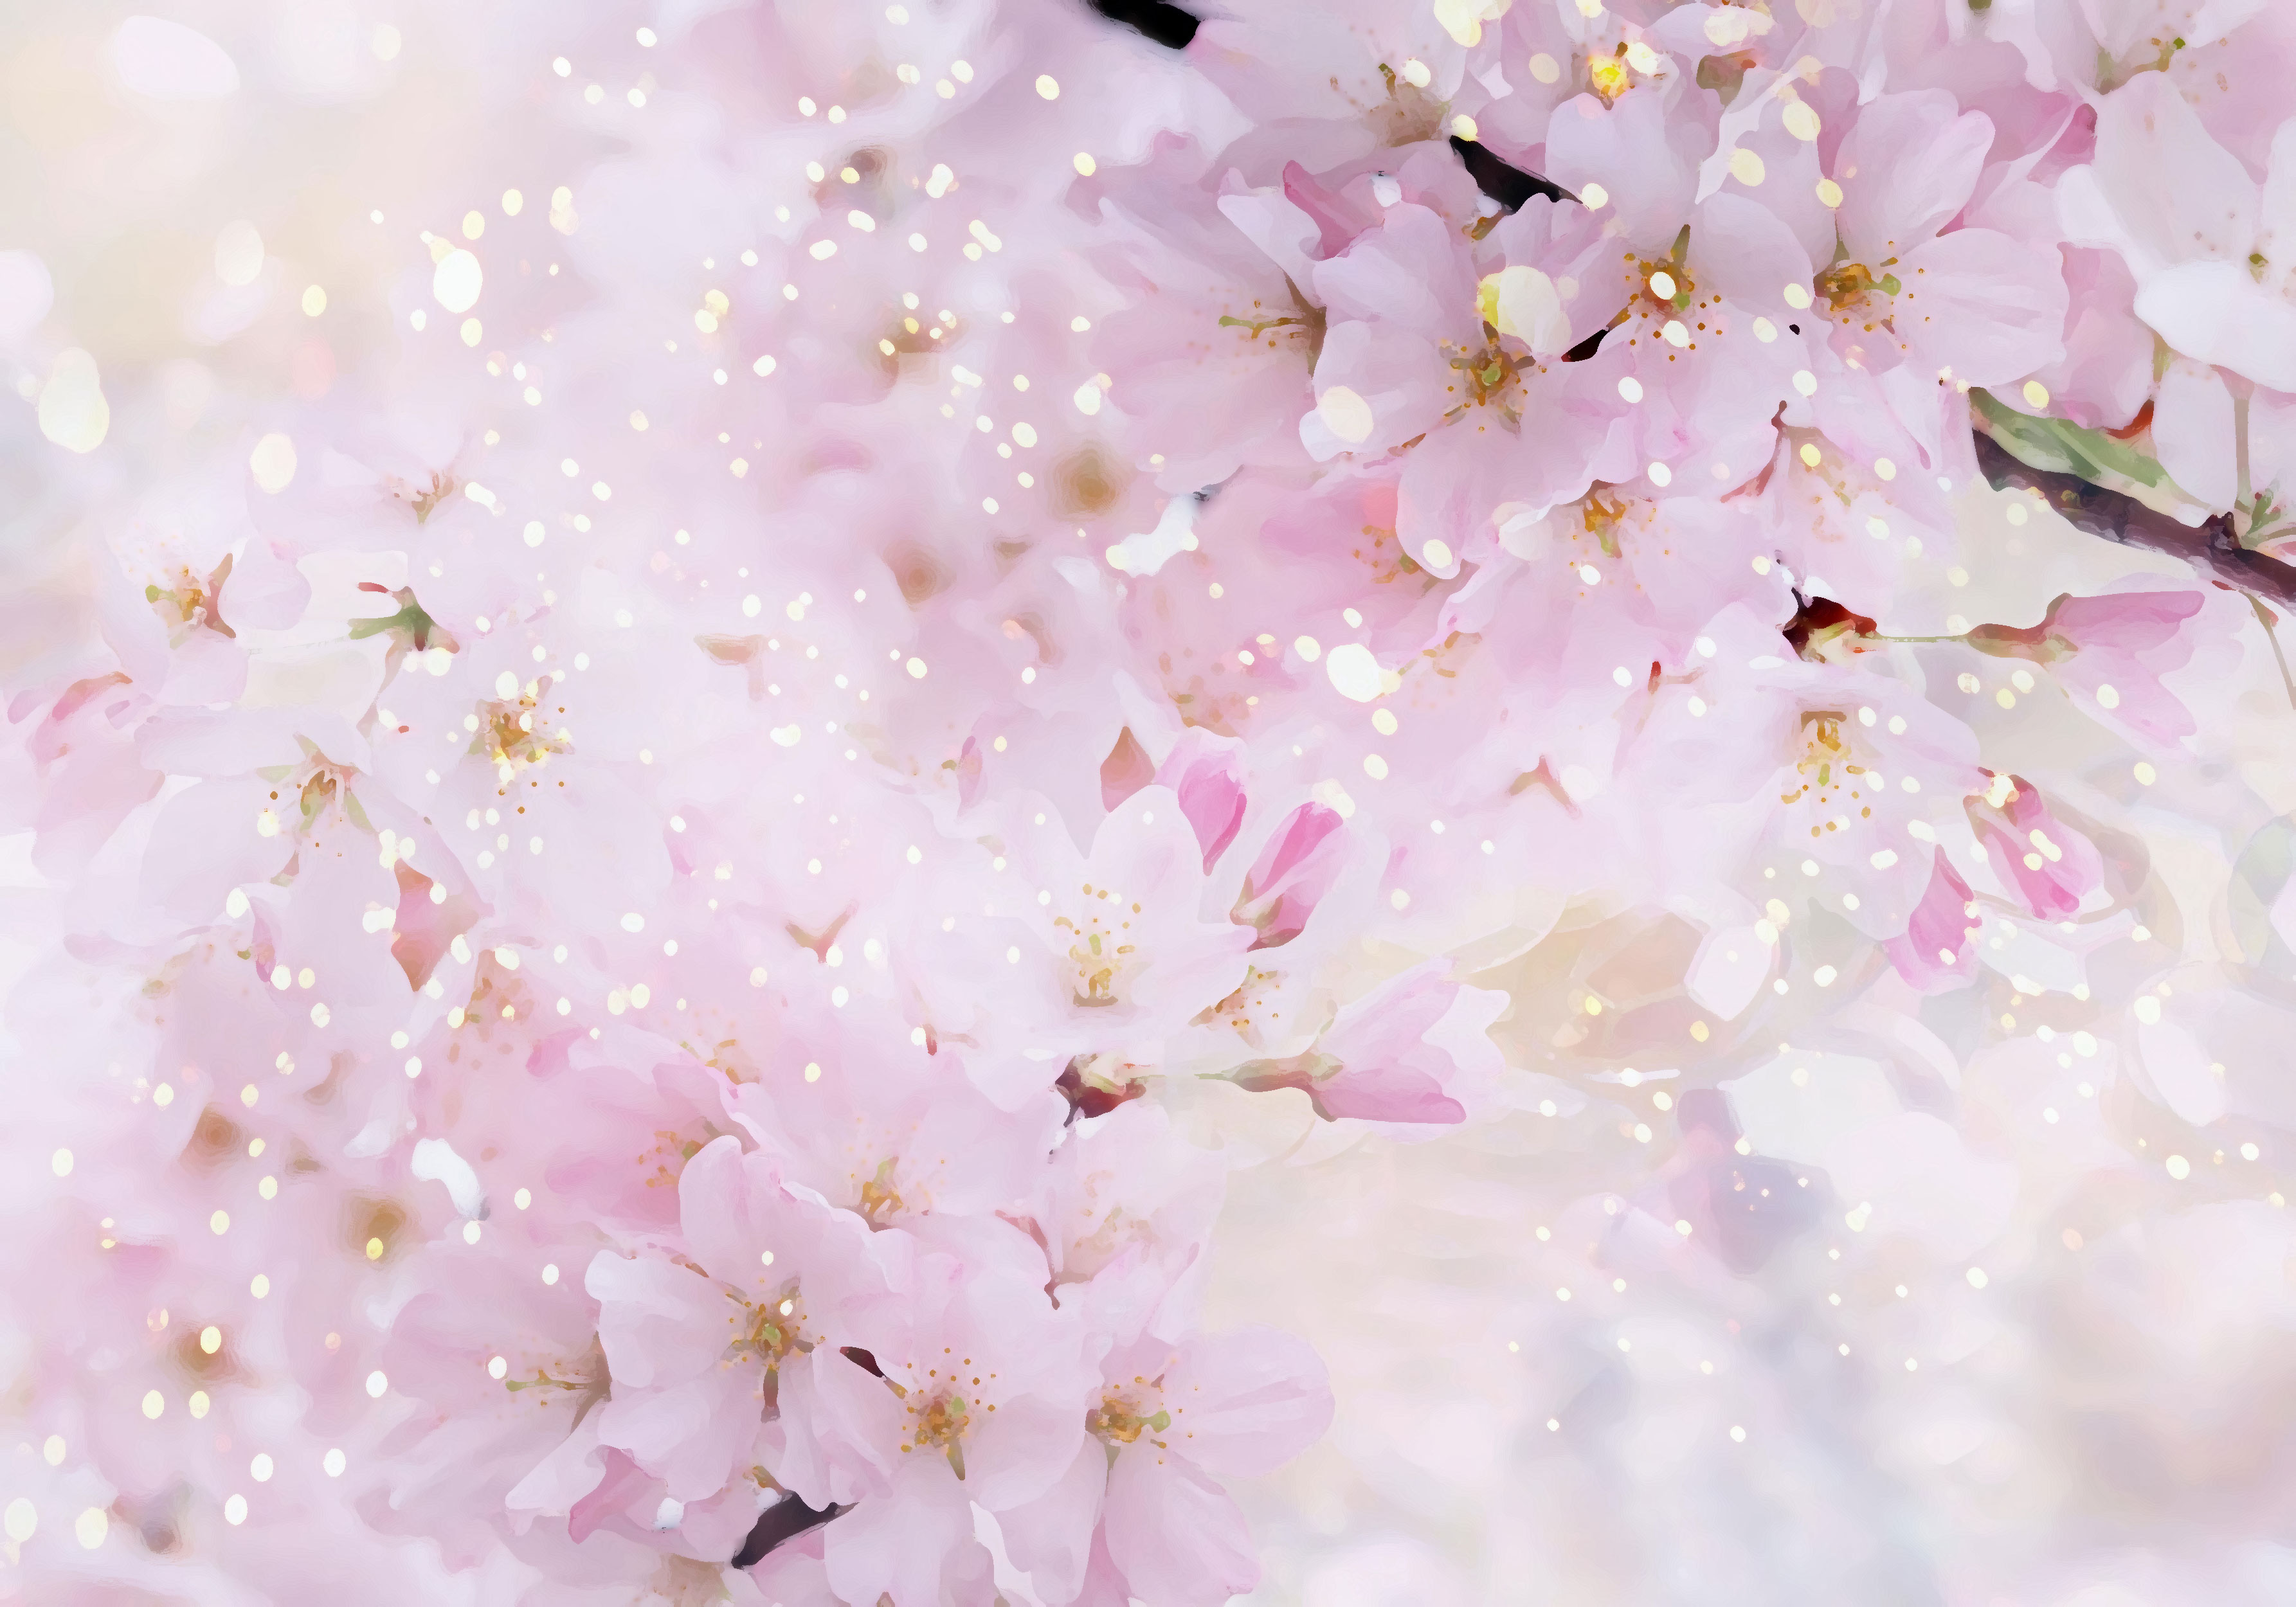 写真編 : 『桜』の画像(写真・イラスト) - naver まとめ